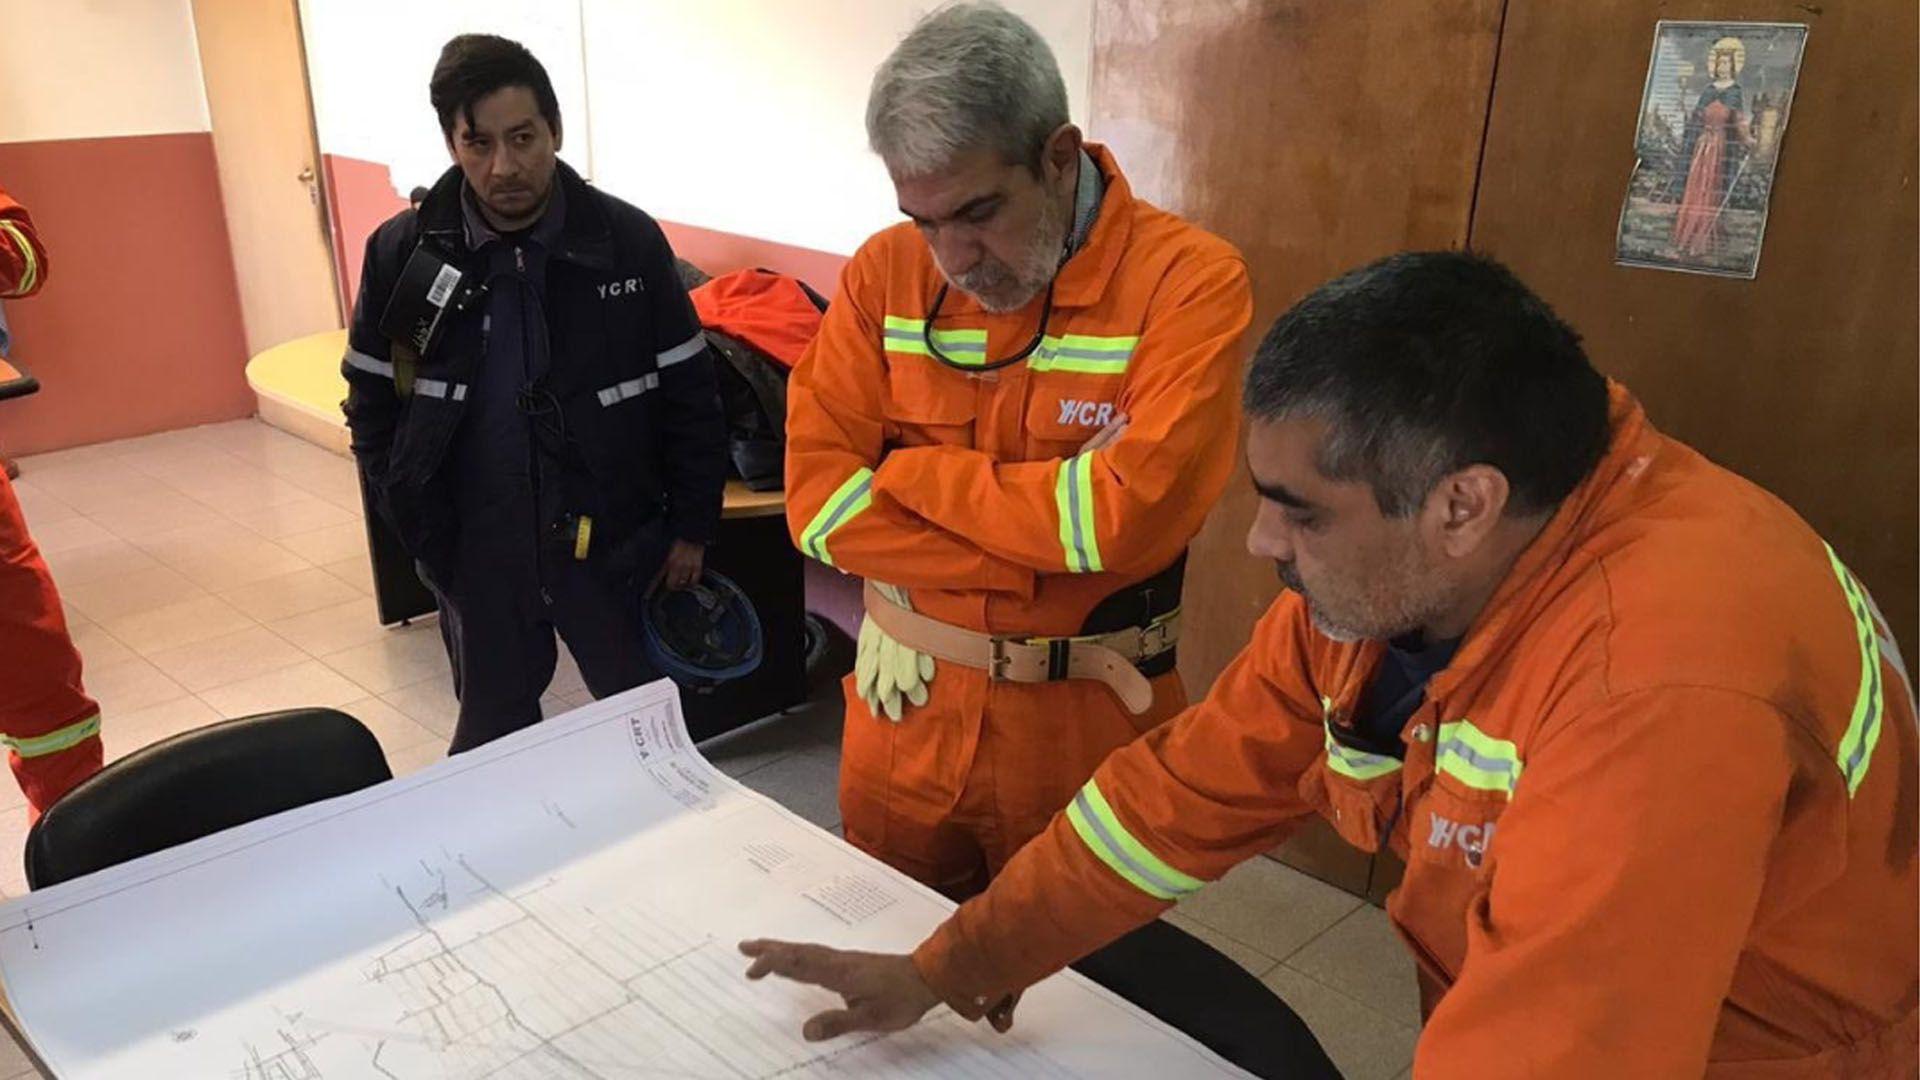 Se vistió con la ropa de trabajo reflectante e ingresó a una mina con un grupo de trabajadores